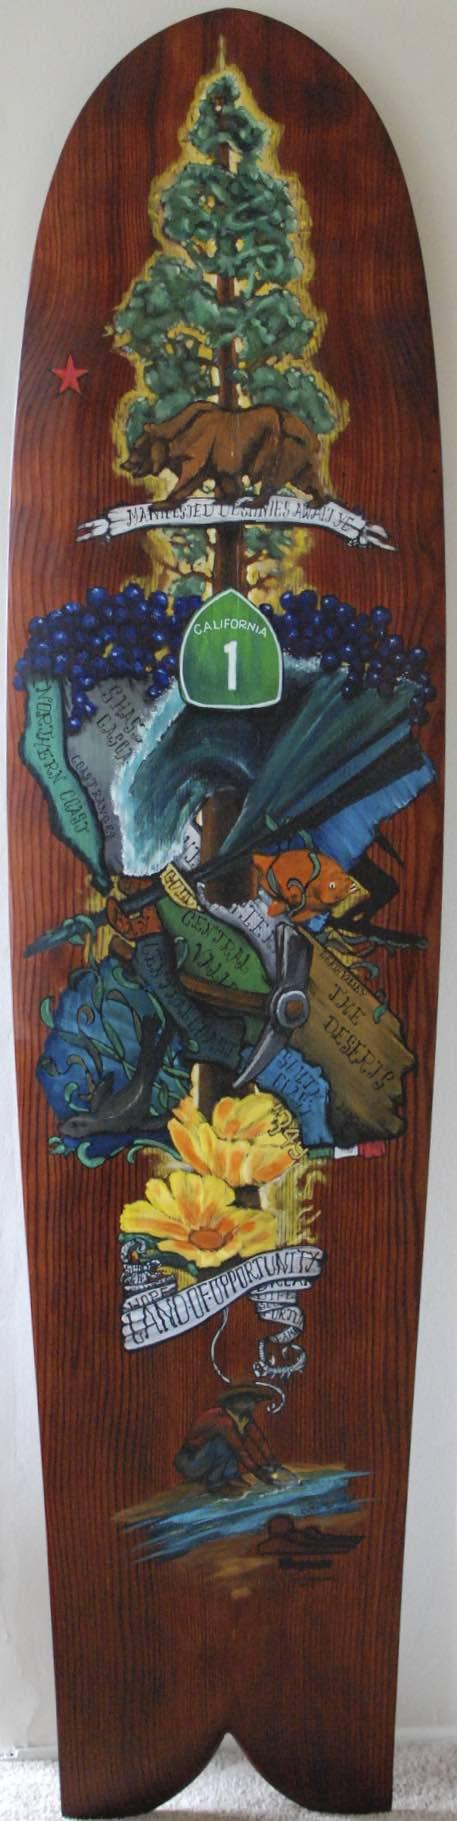 Nathan Gibbs Surf Art Alaia top.jpg